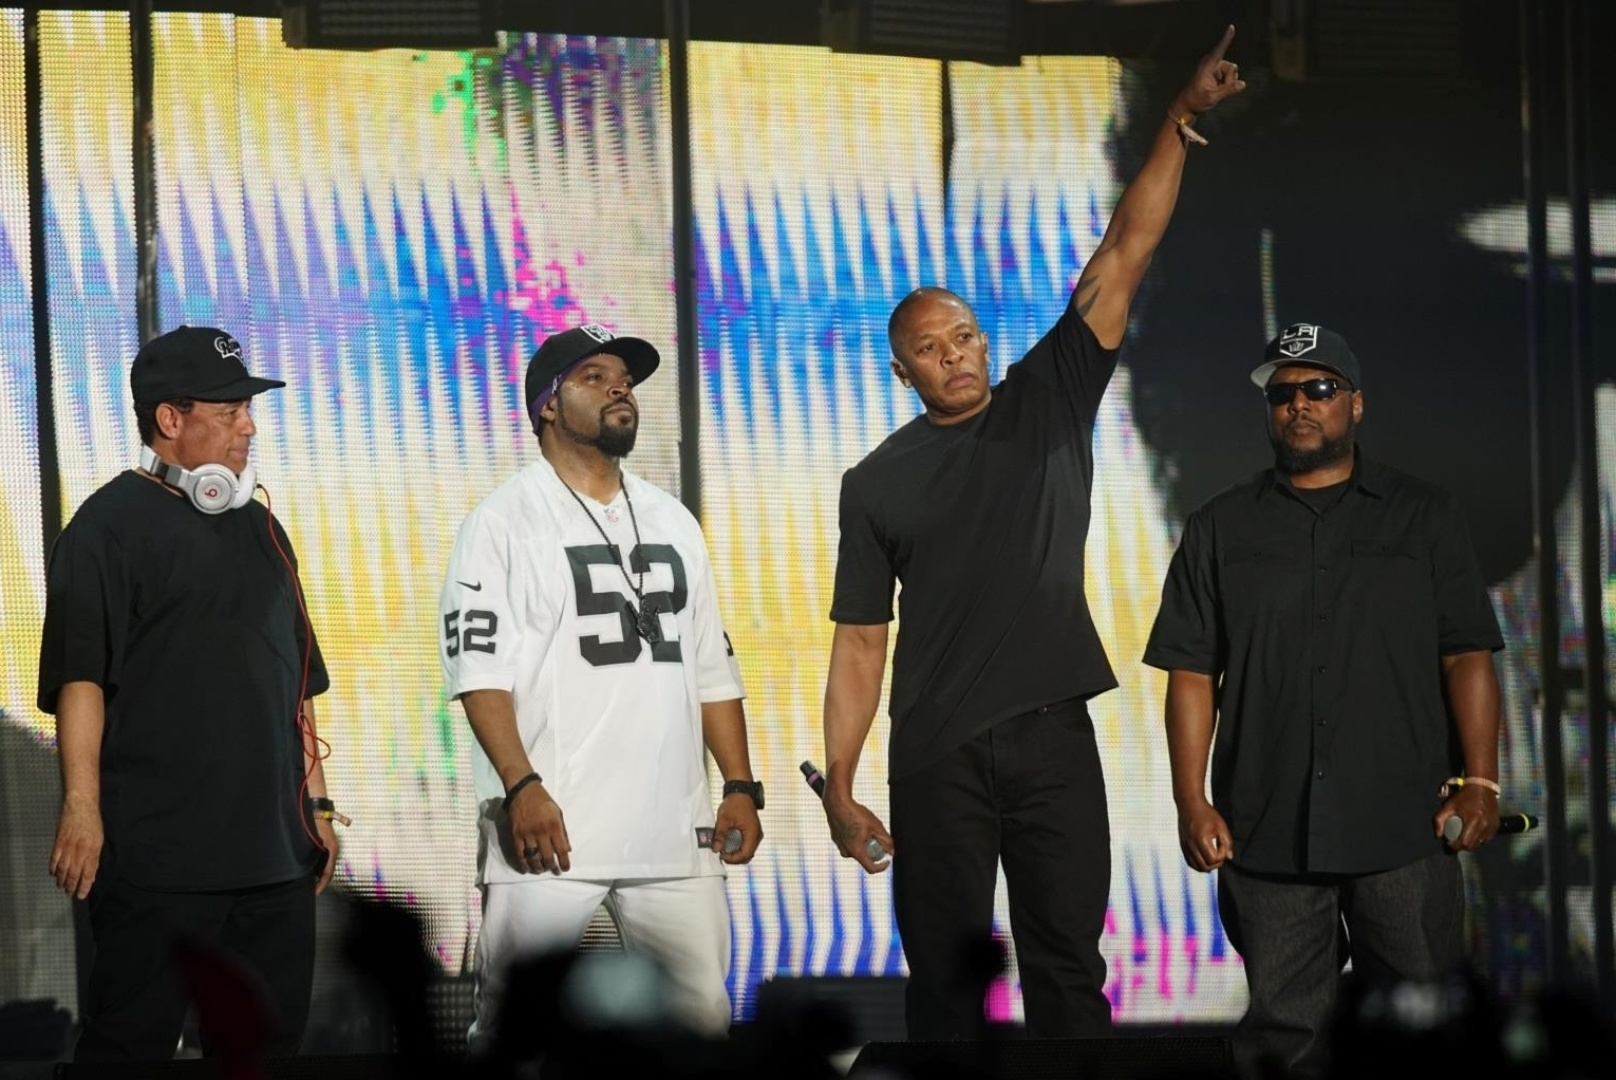 23.abr.2016 - Os rappers Ice Cube e Dr. Dre, uma das atrações mais esperadas do festival